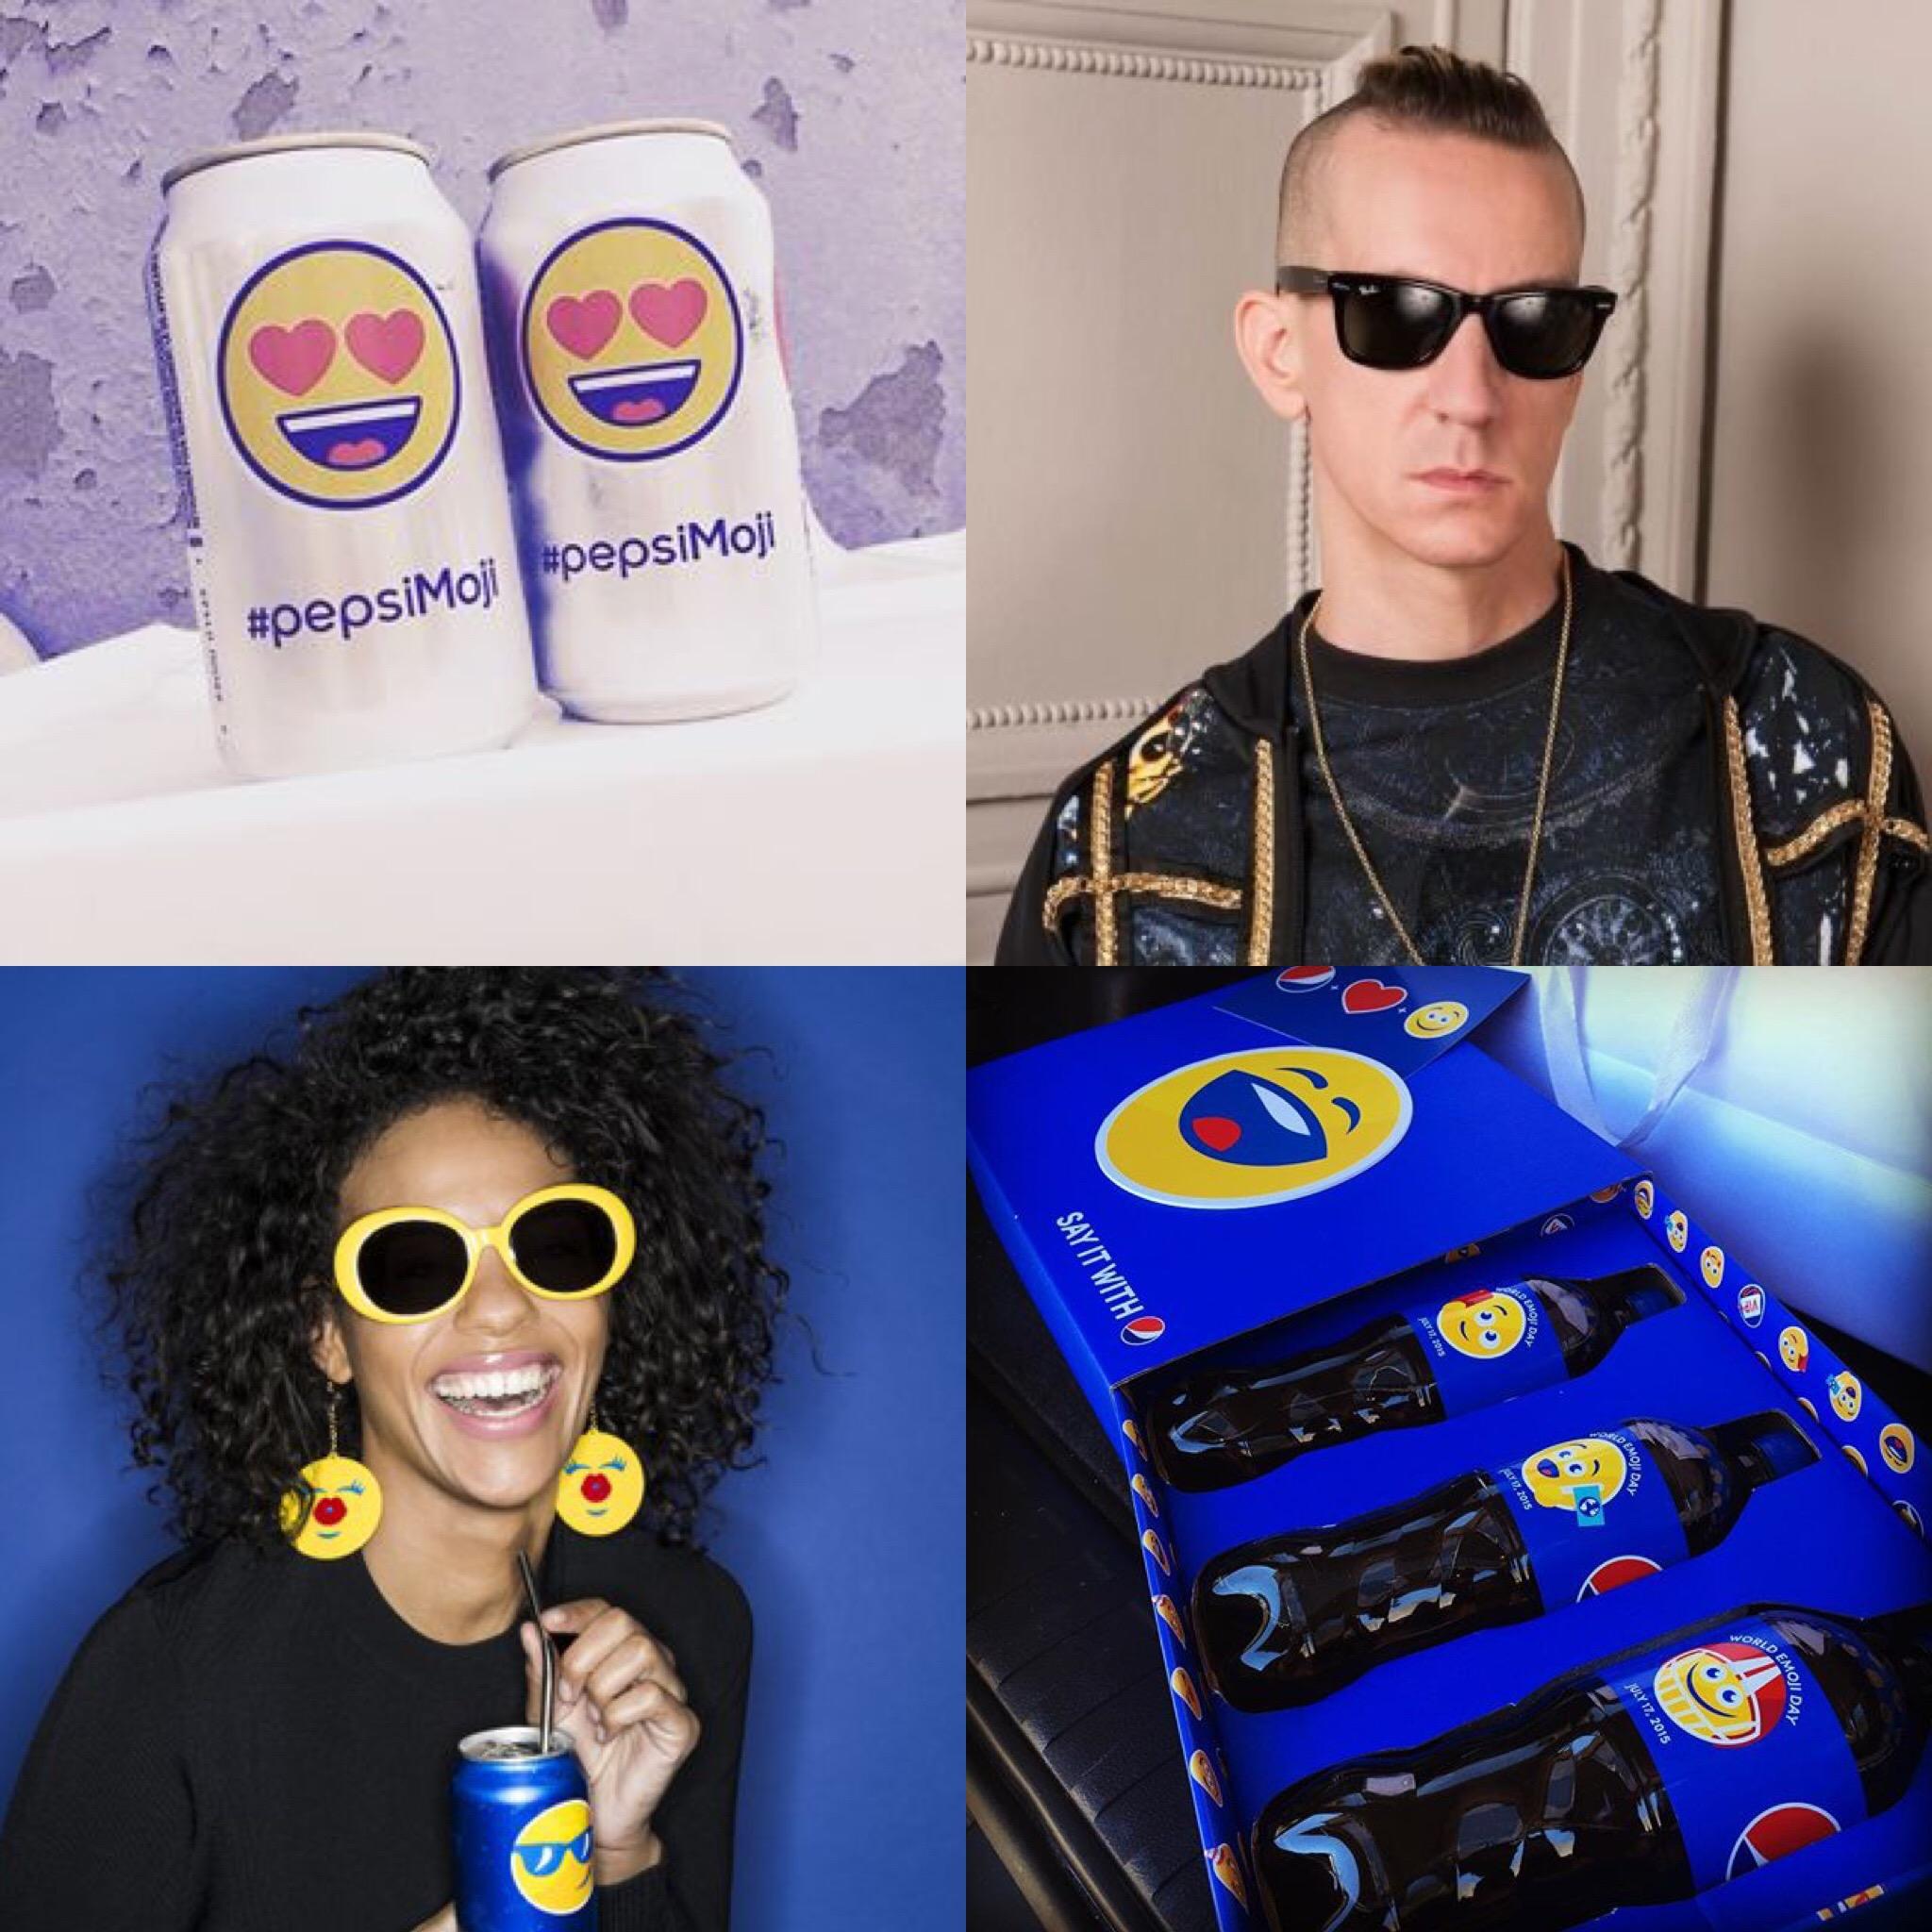 PepsiMoji capsule collection elkann Jeremy Scott e Pepsi